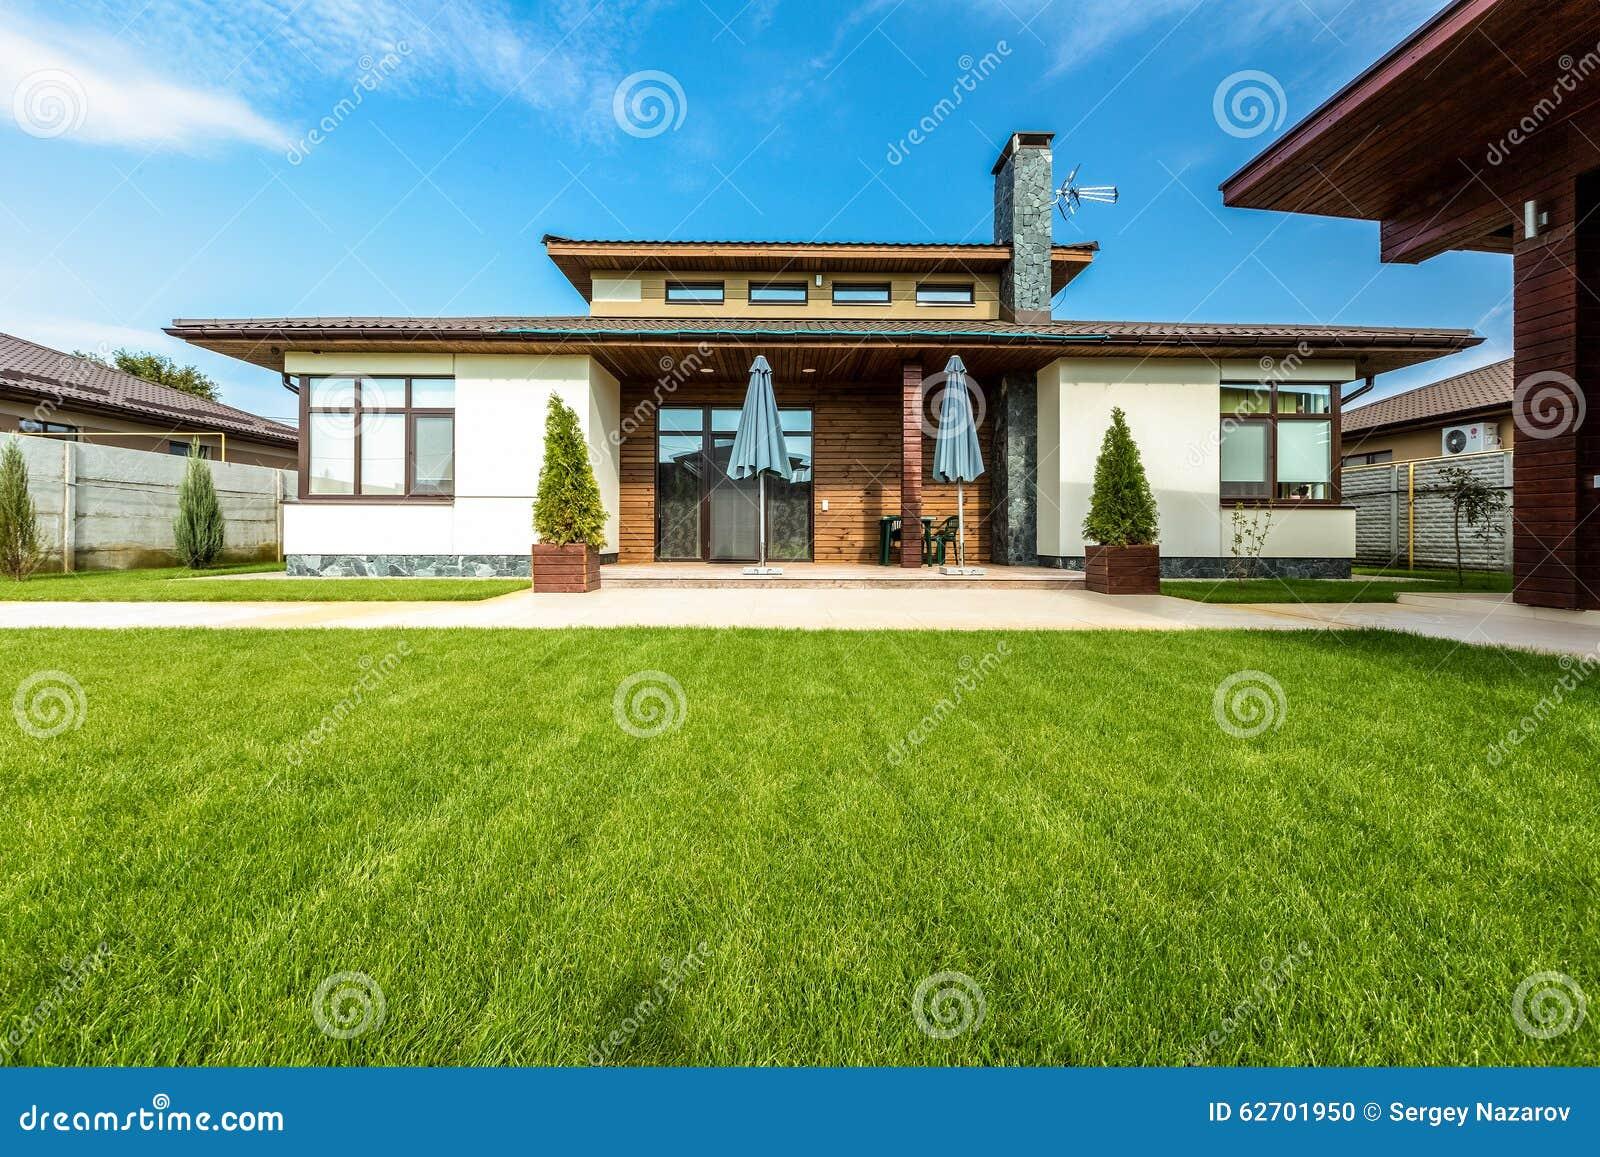 Mooi modern huis in cement mening van de tuin stock foto for Huis in de tuin